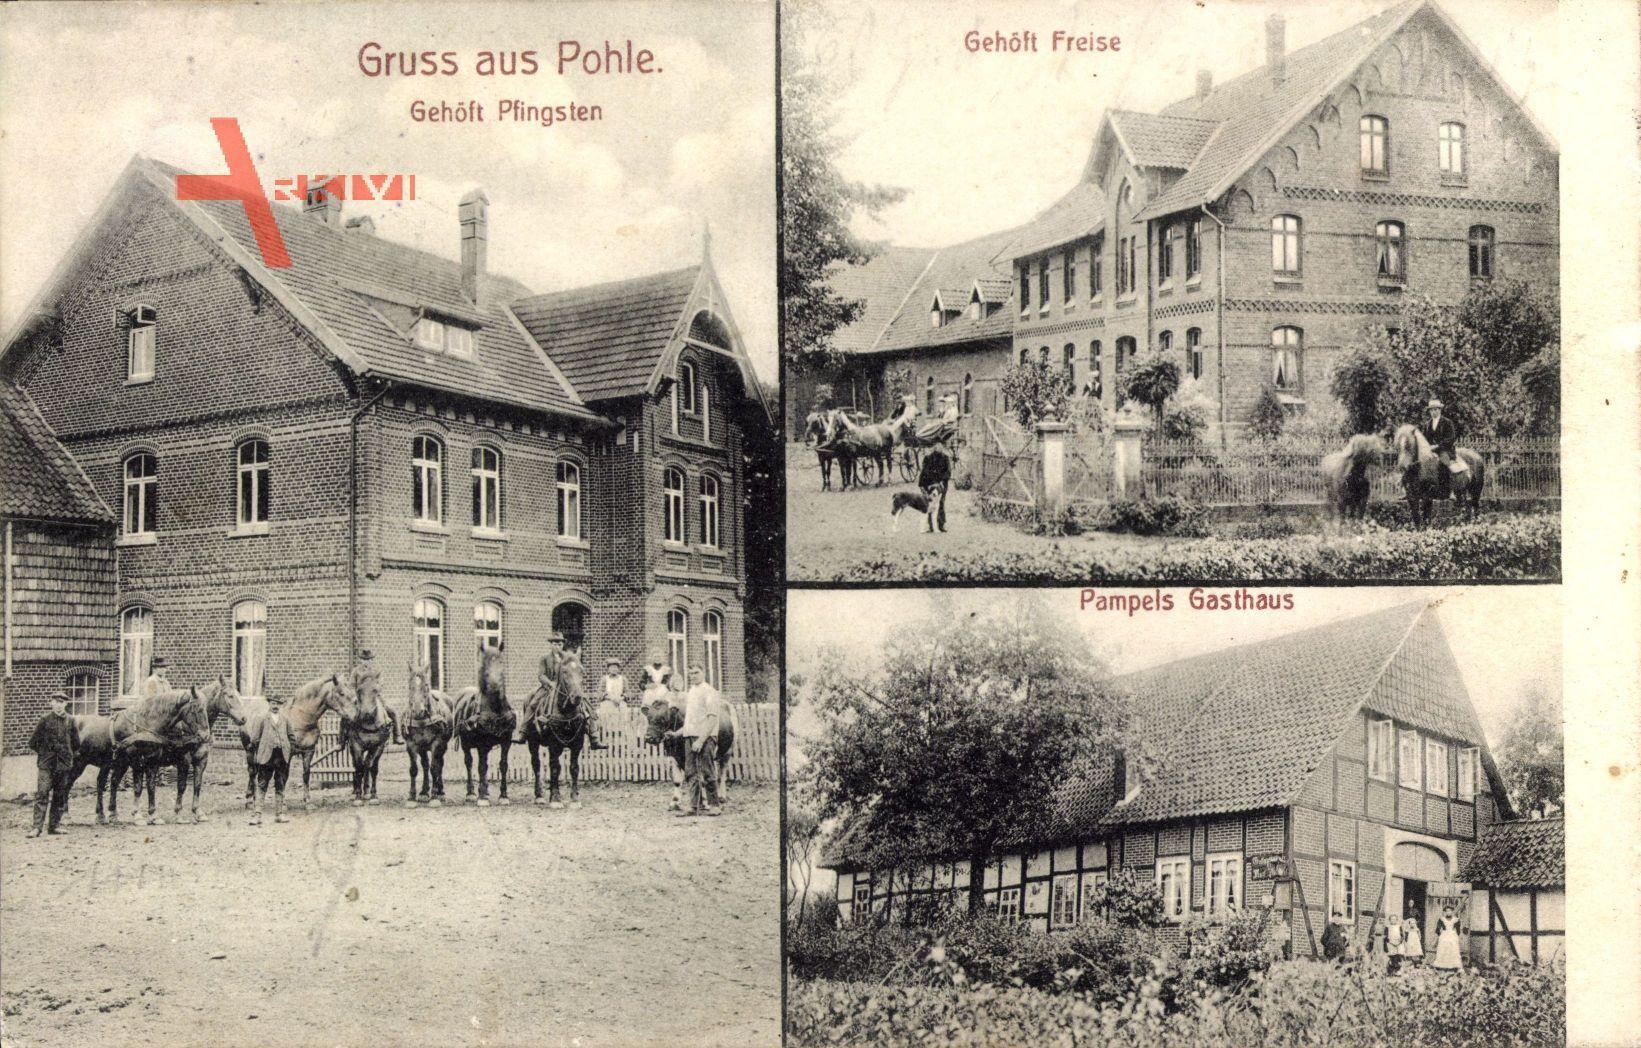 Pohle, Gehöft Pfingsten und Freise, Pampels Gasthaus, Fachwerkhaus